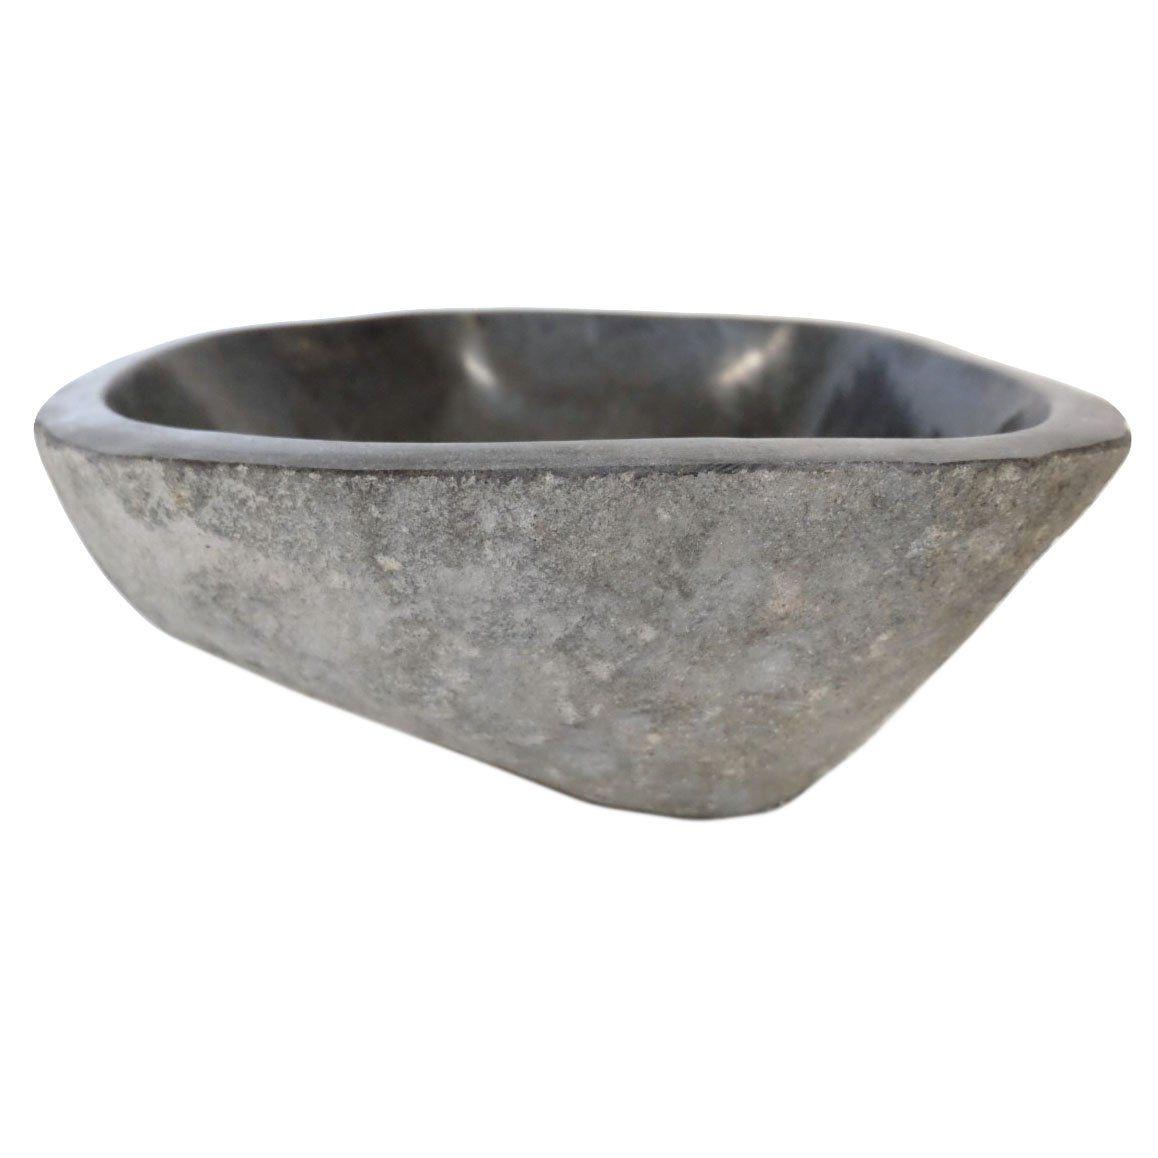 Tashmart Tm002 Rope Natural Stone Vessel Sink Afyon Noce